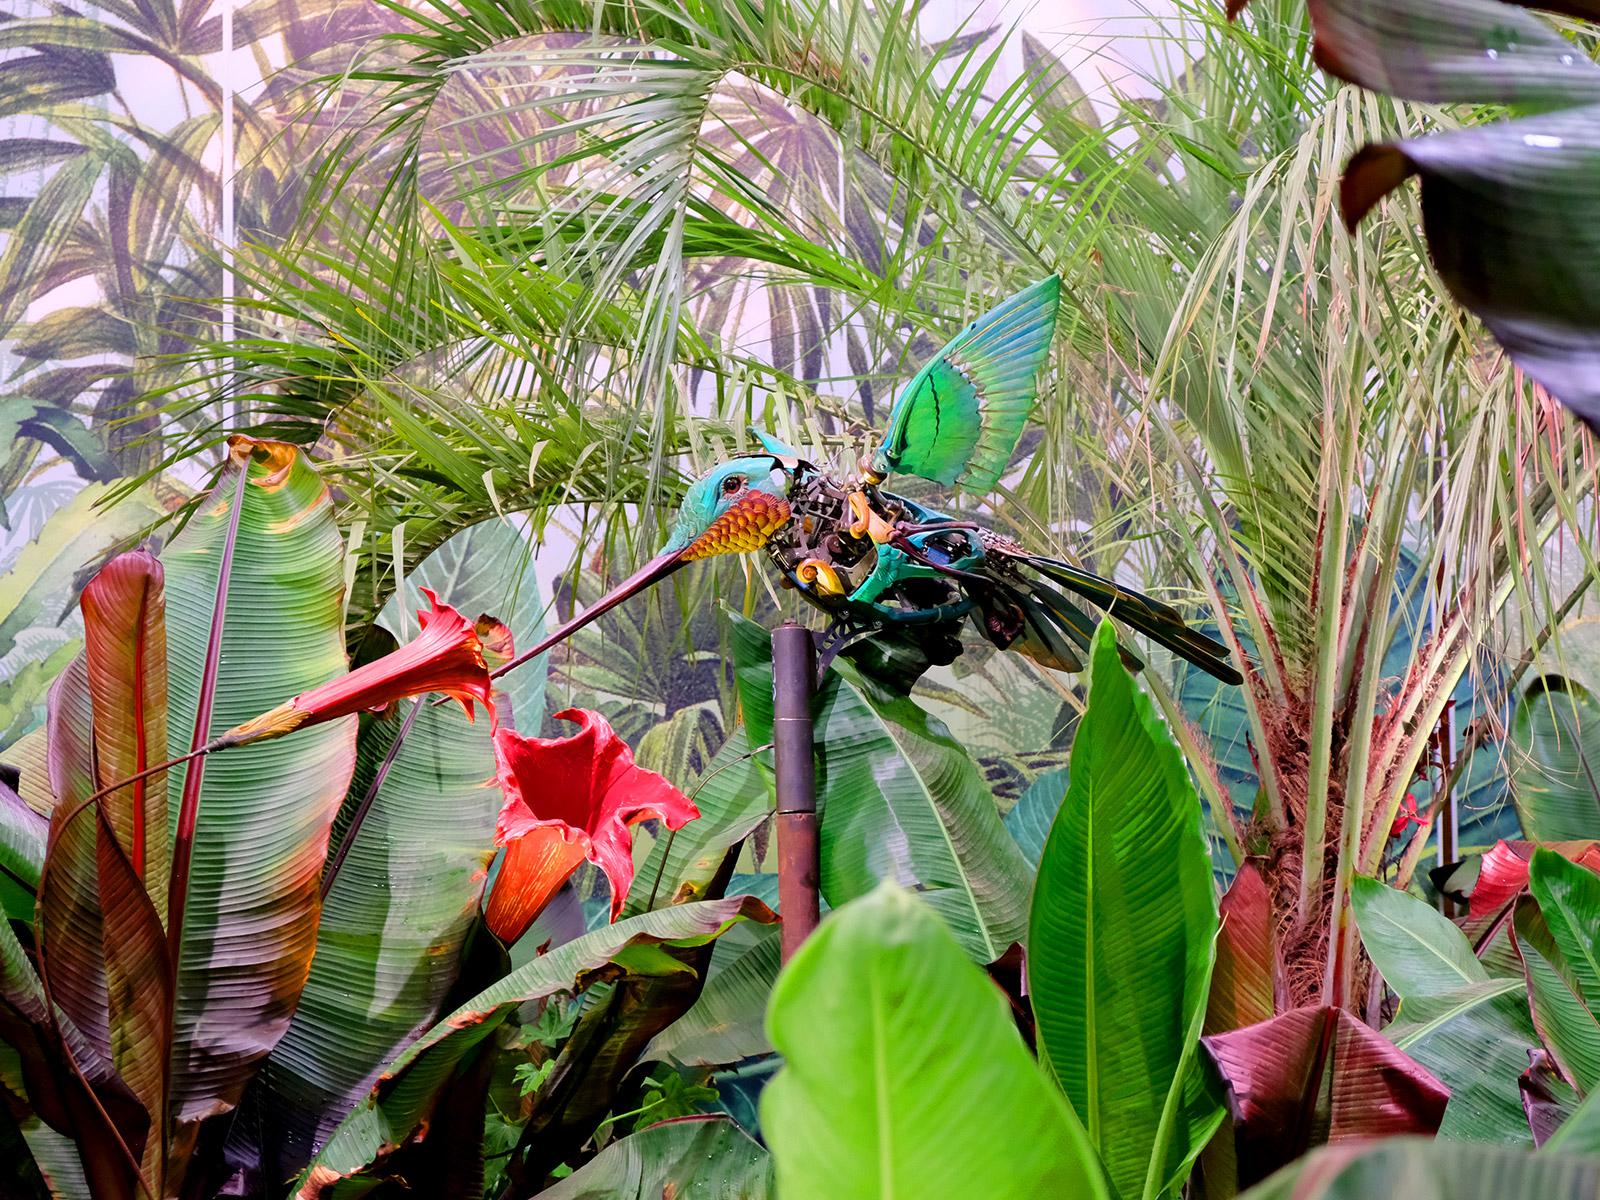 Les Floralies internationales de Nantes : grande exposition florale en 2019